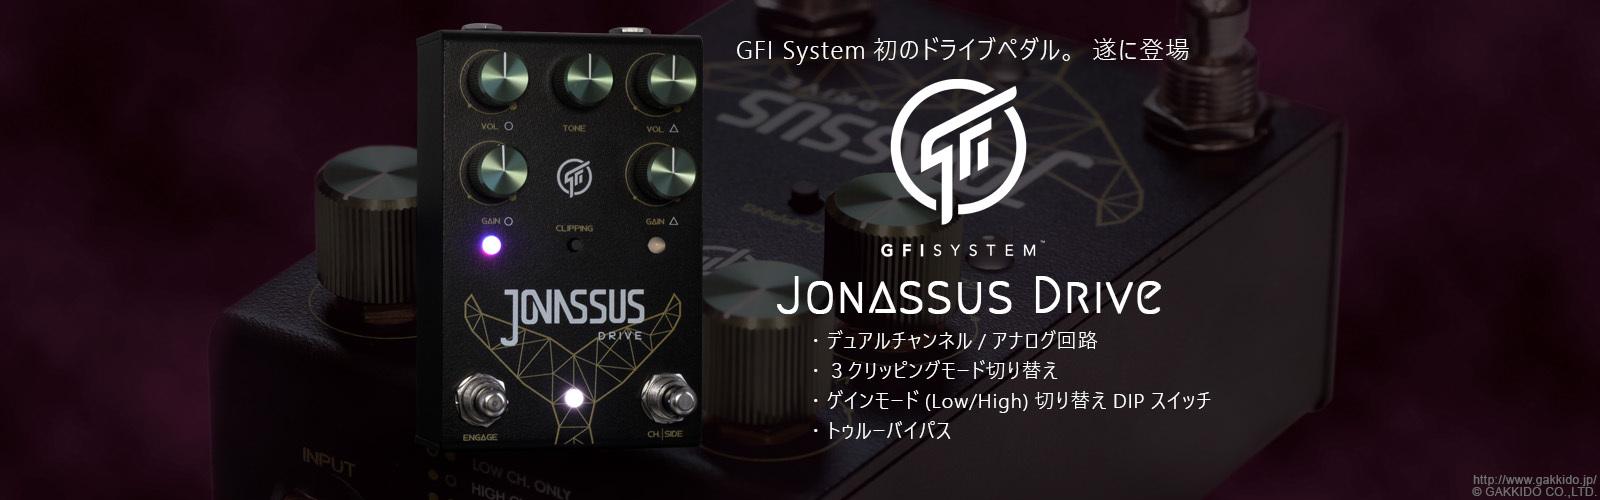 GFI System Jonassus Drive [ジョナサス・ドライブ]